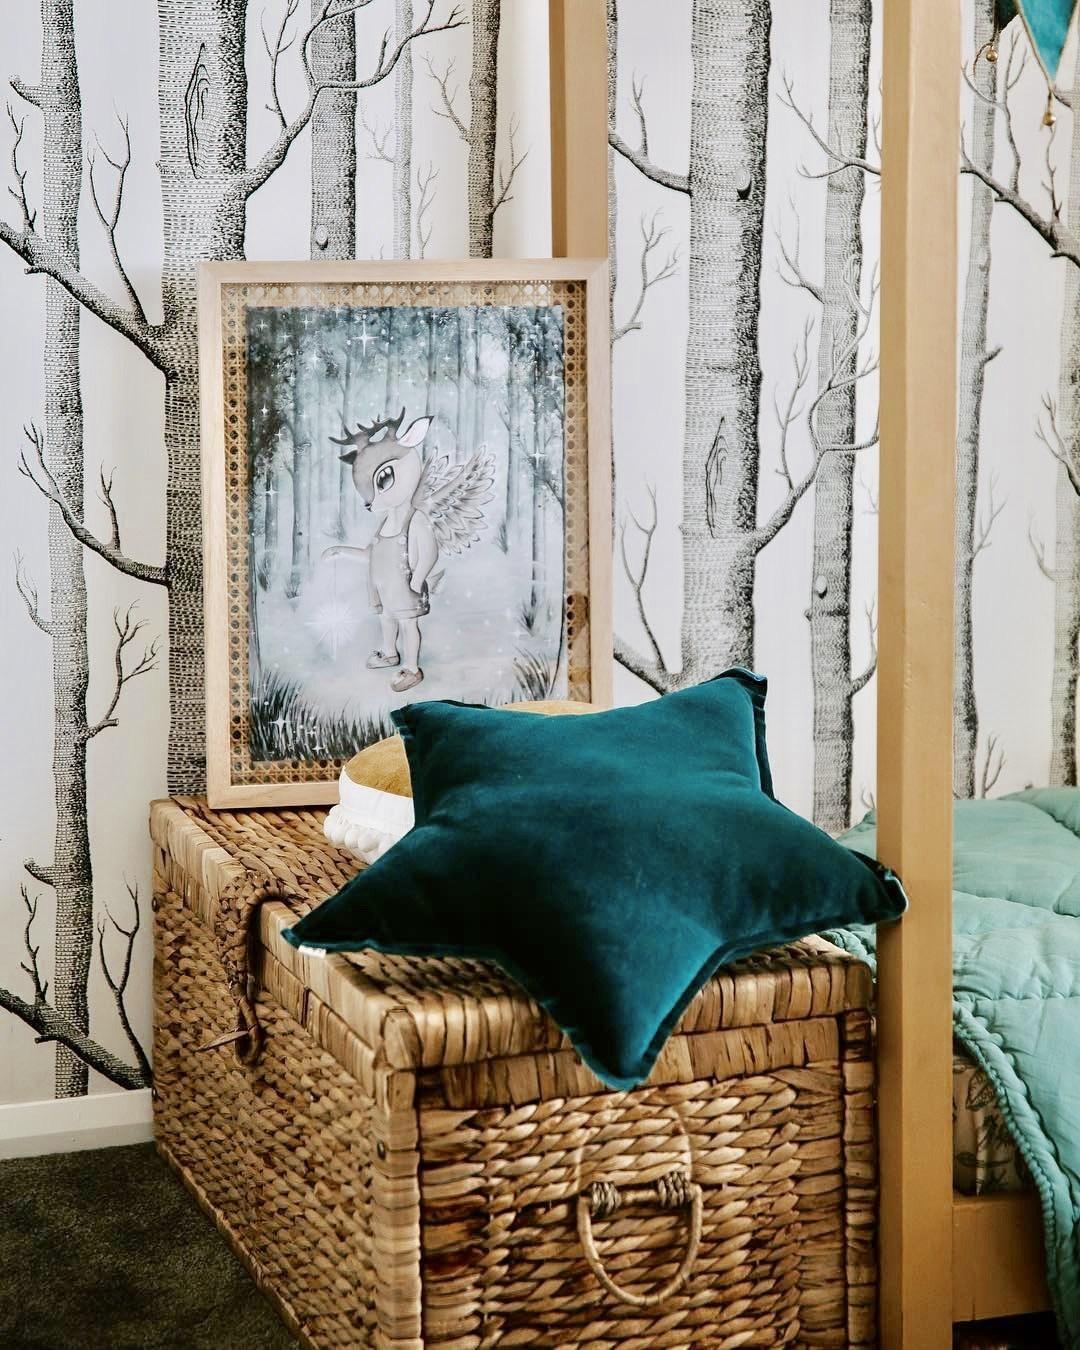 Ý tưởng trang trí phòng bé siêu dễ thương với chất liệu thân thiện môi trường - Ảnh 12.